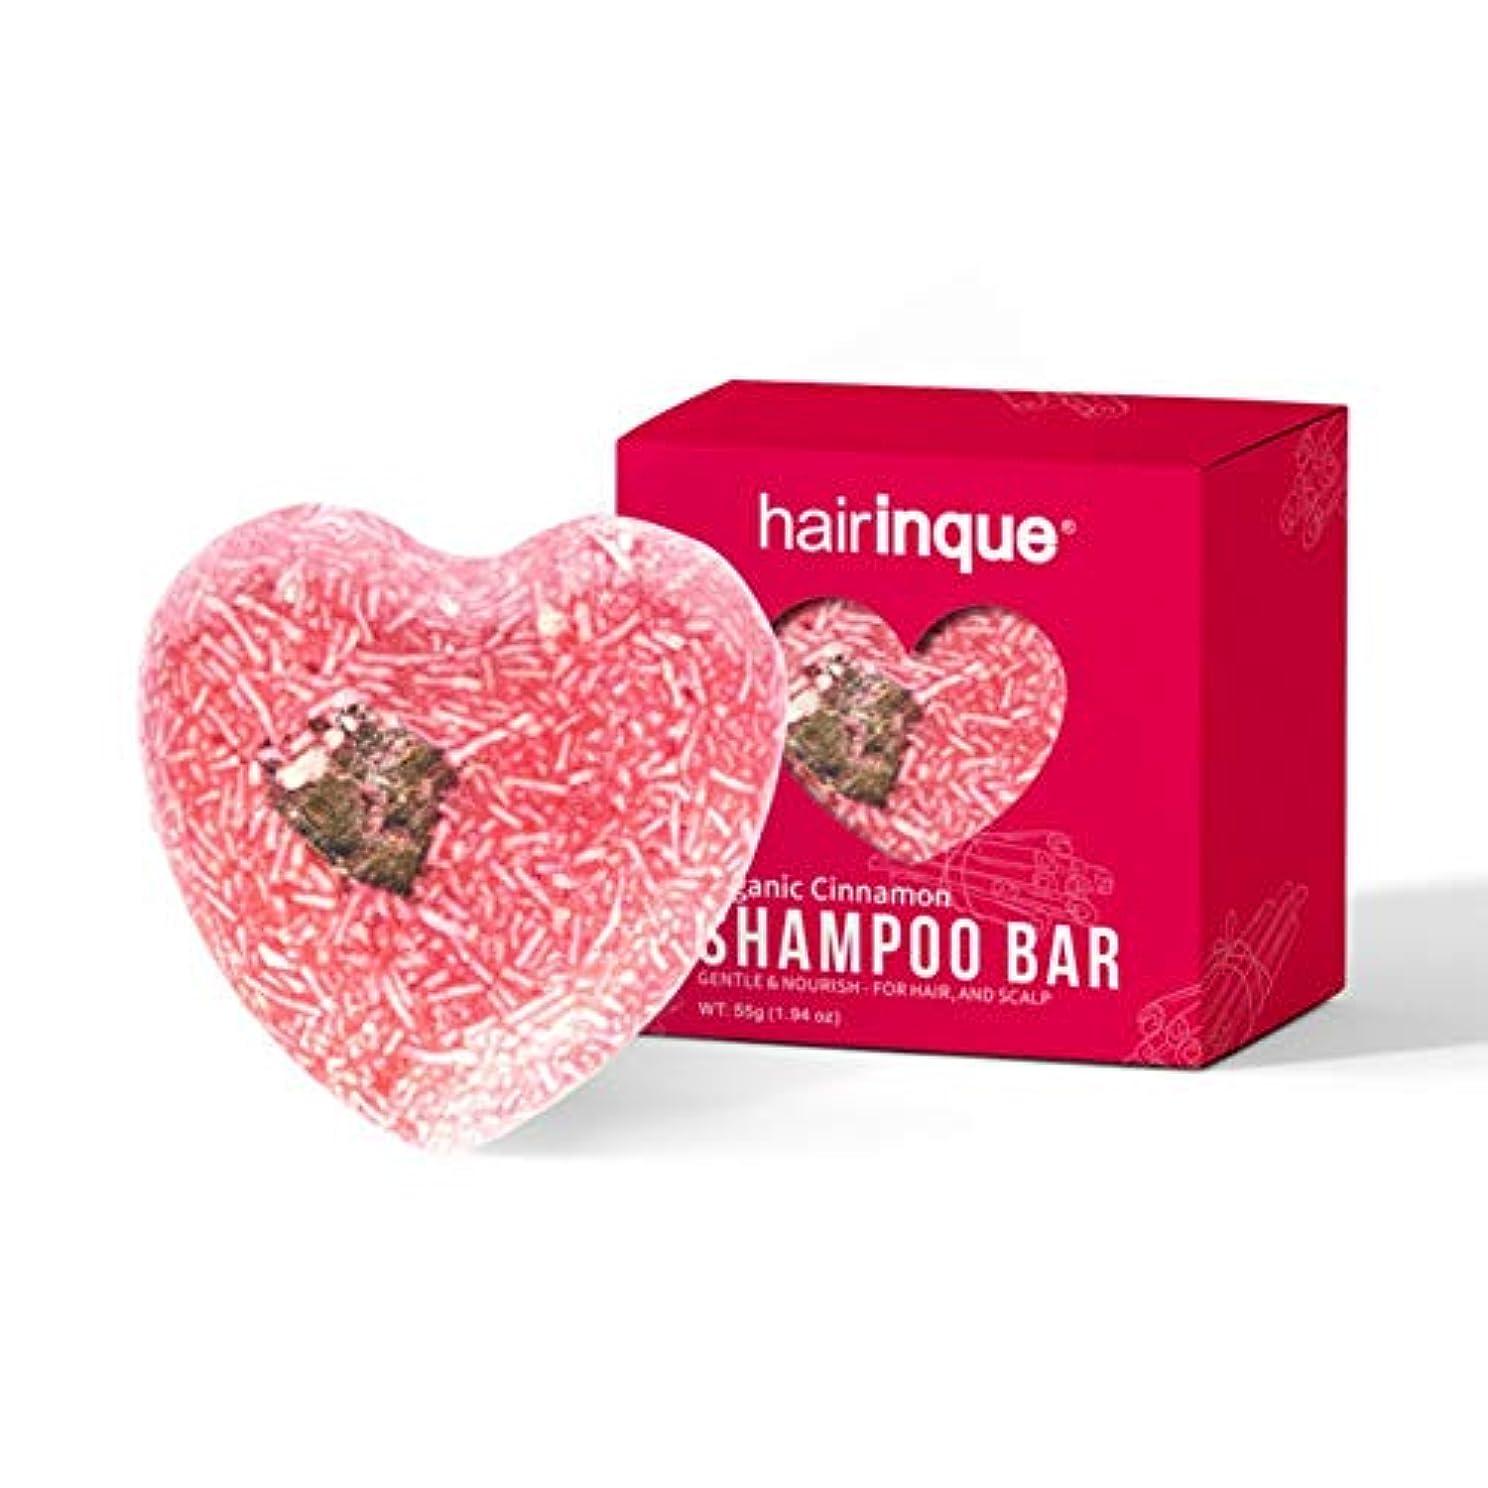 ヒールジレンマ同化するシャンプー シャンプー石鹸 栄養 脱毛 シャンプーソープ 天然成分 化学薬品防腐剤なし シャンプーソープ ヘアケア Cutelove